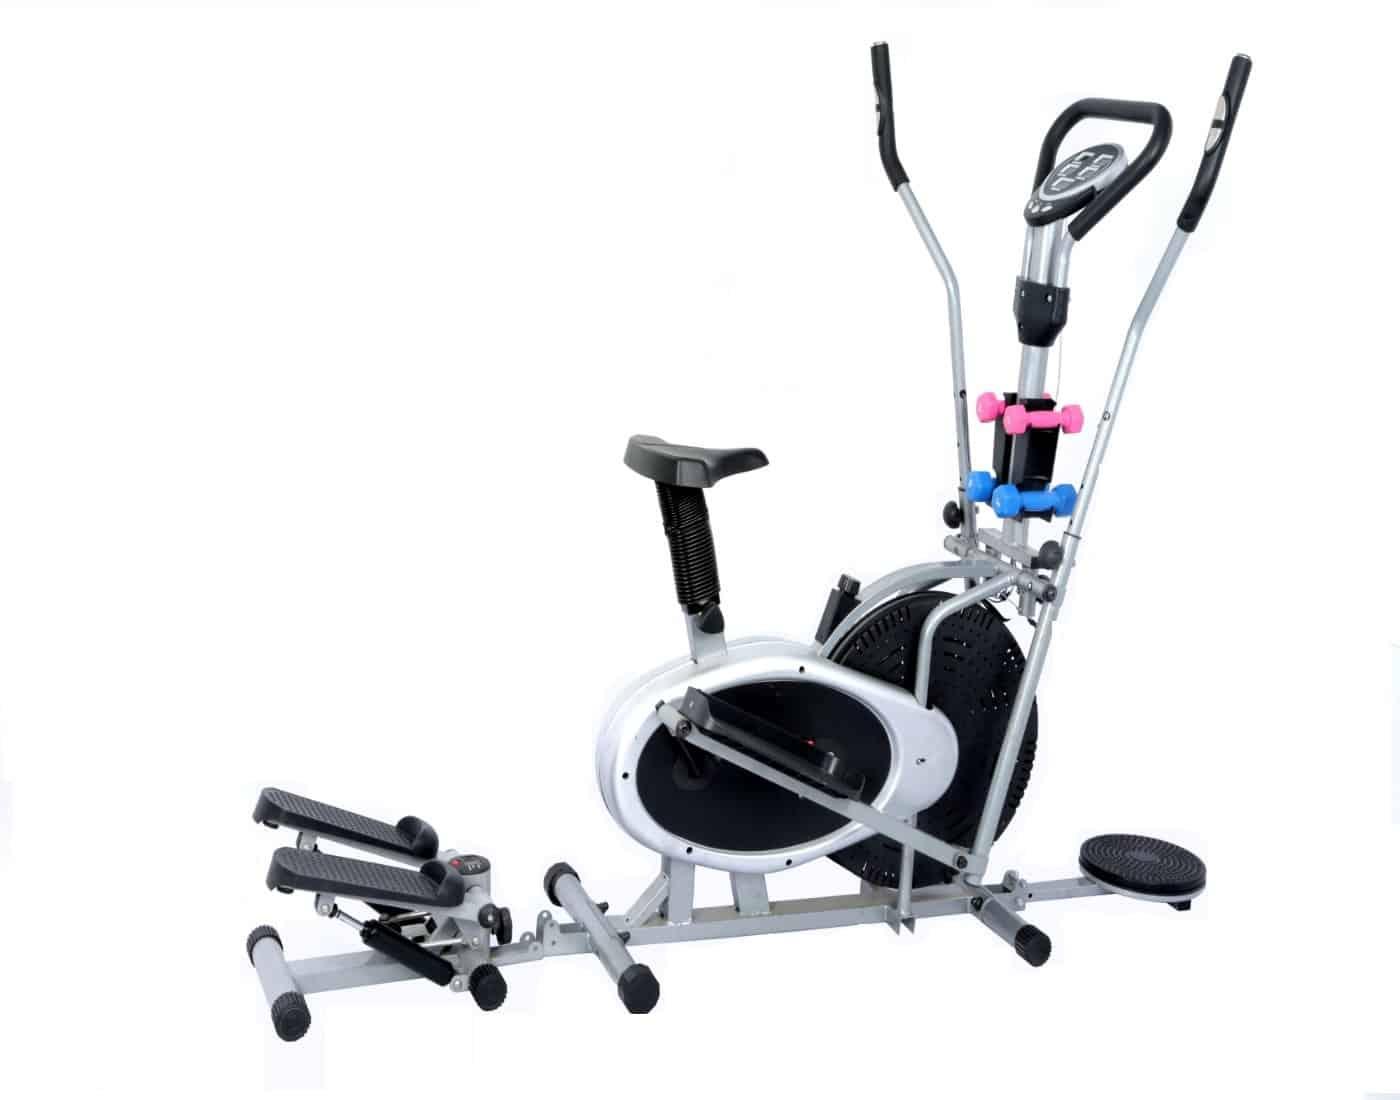 Orbitrek-Sport-Spinning-Bike